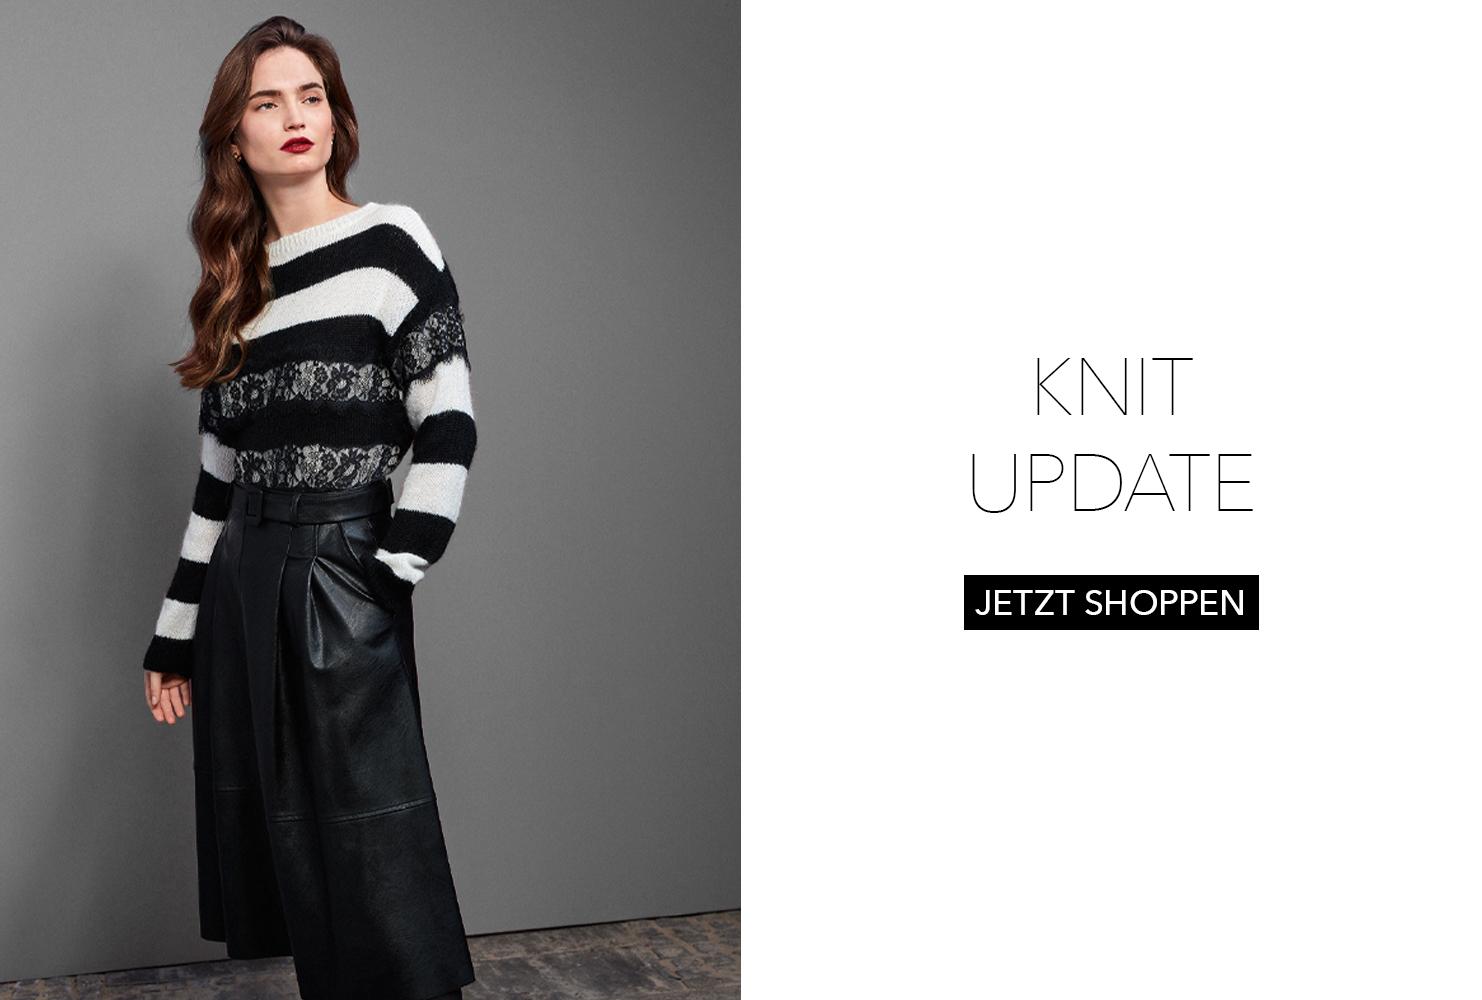 Knit Update